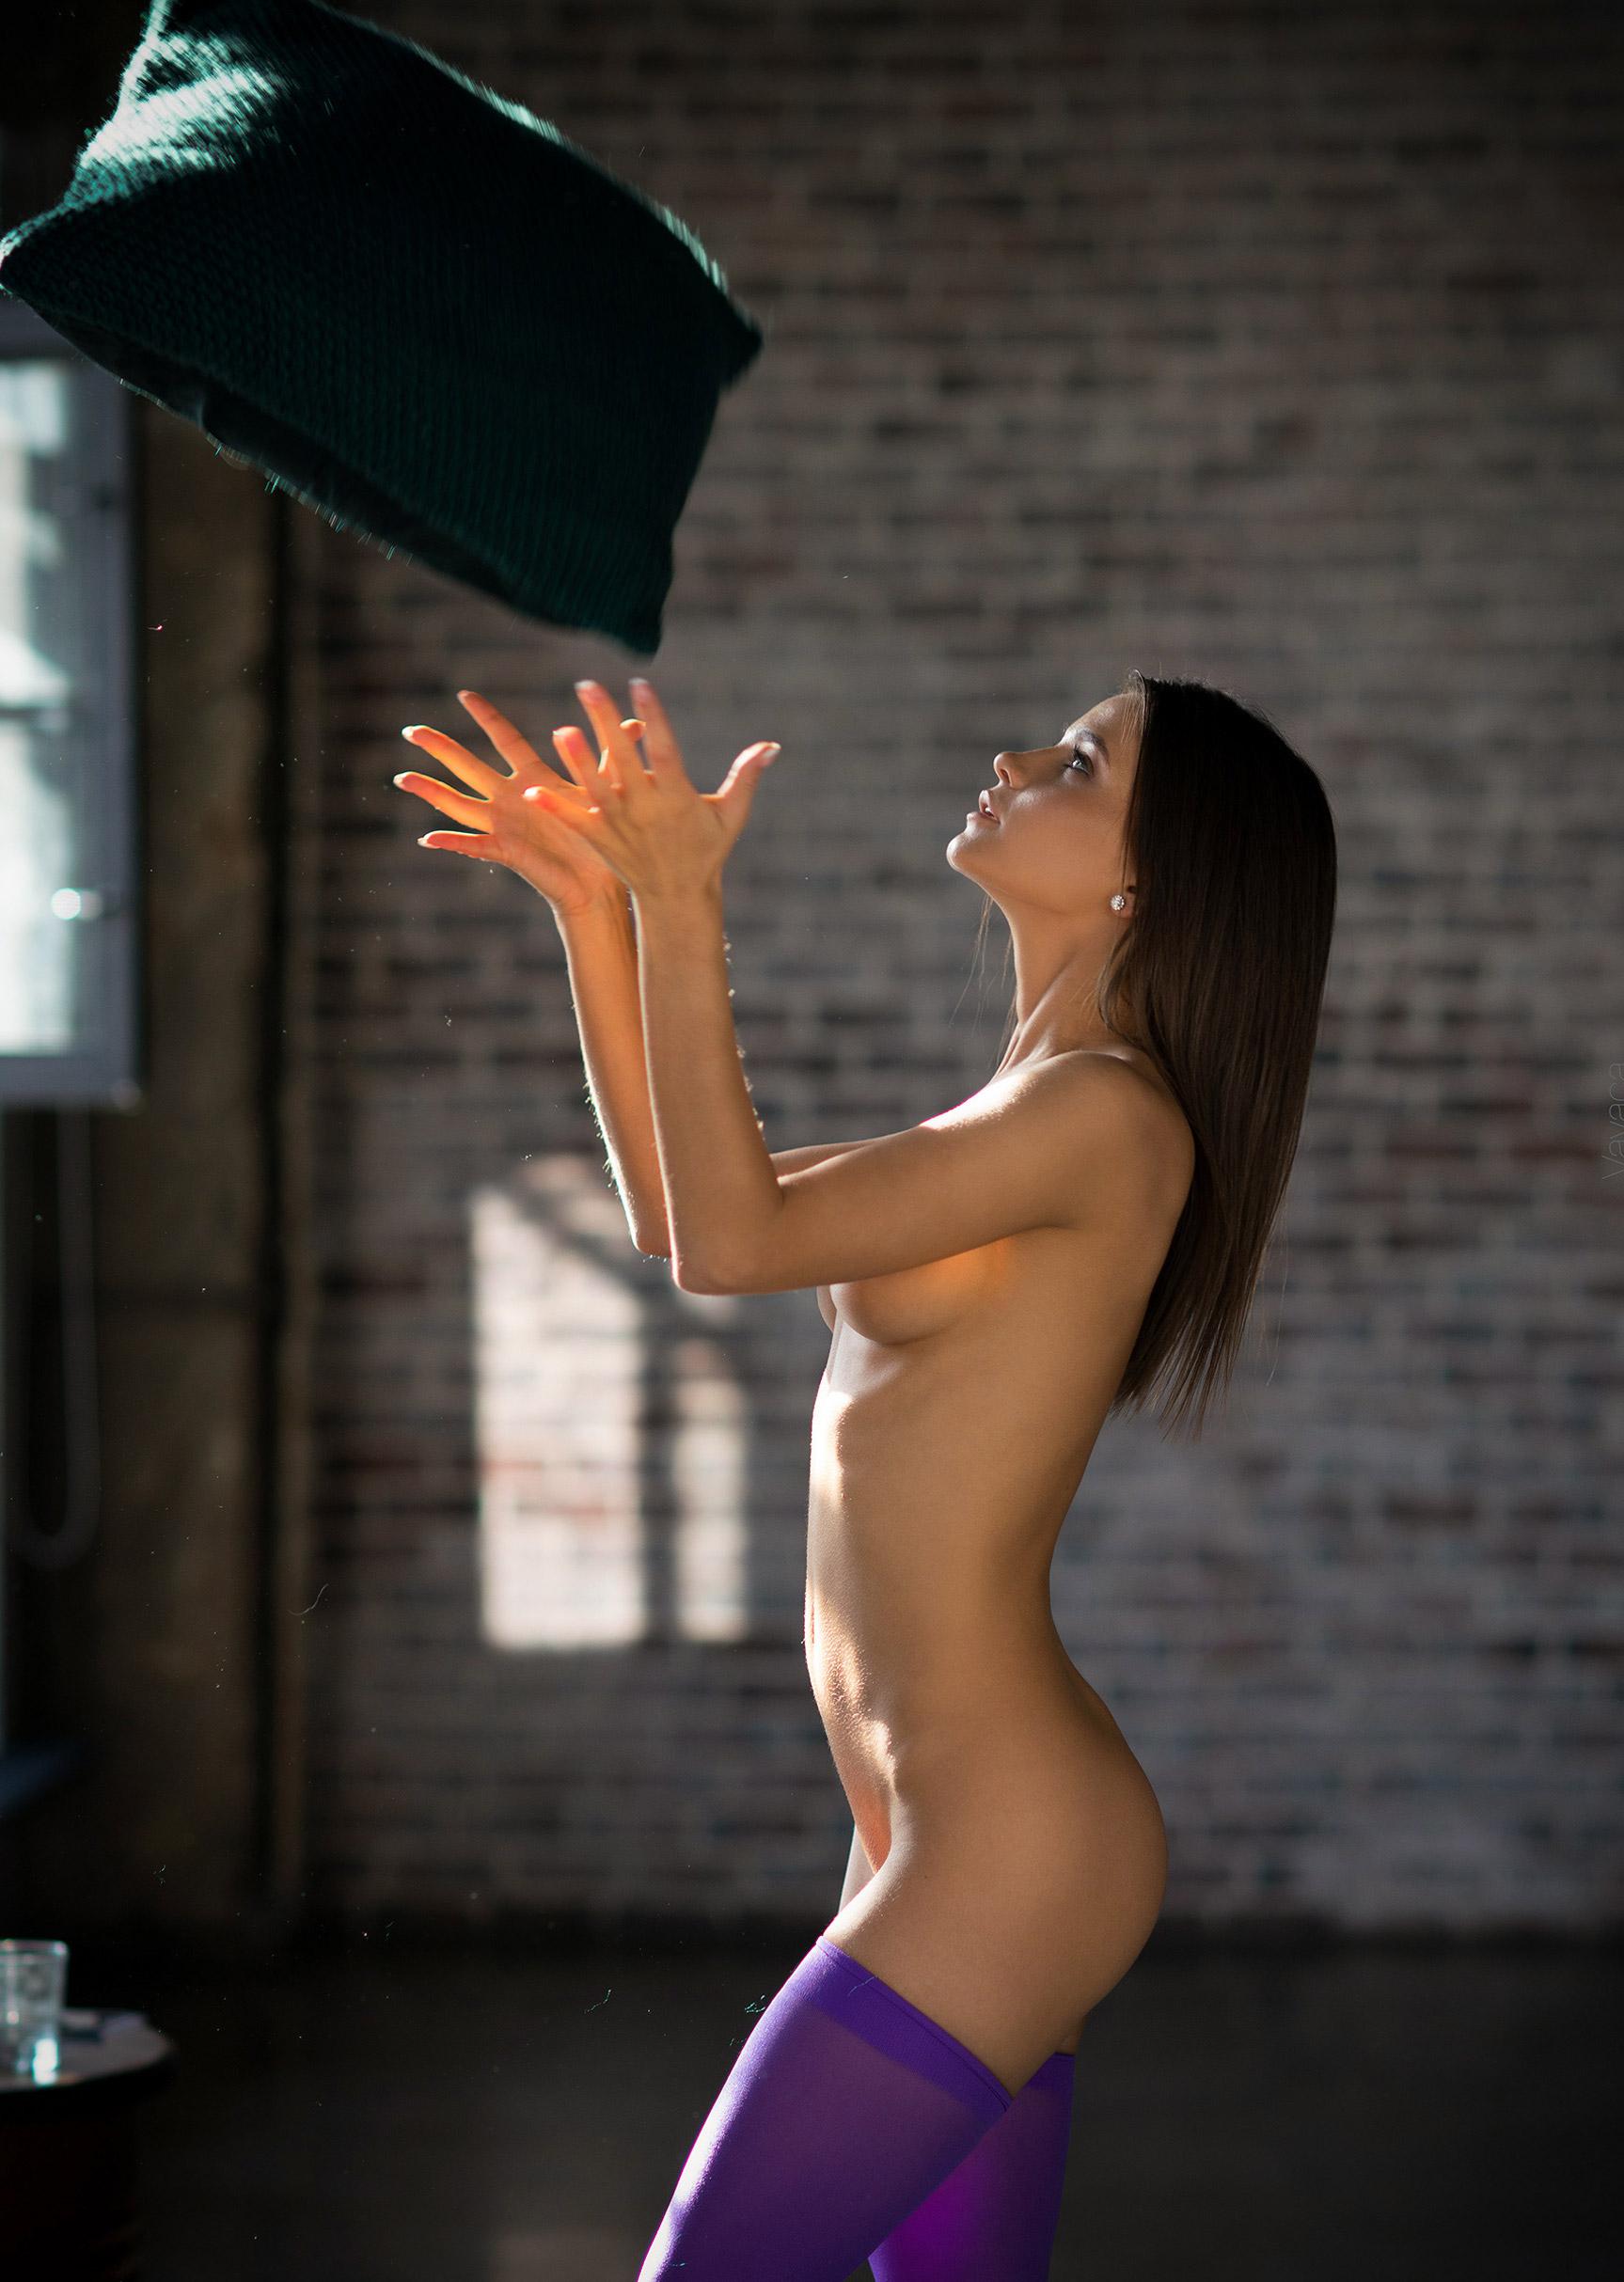 сексуальная Кристина Макарова, фотограф Владимир Николаев / фото 15